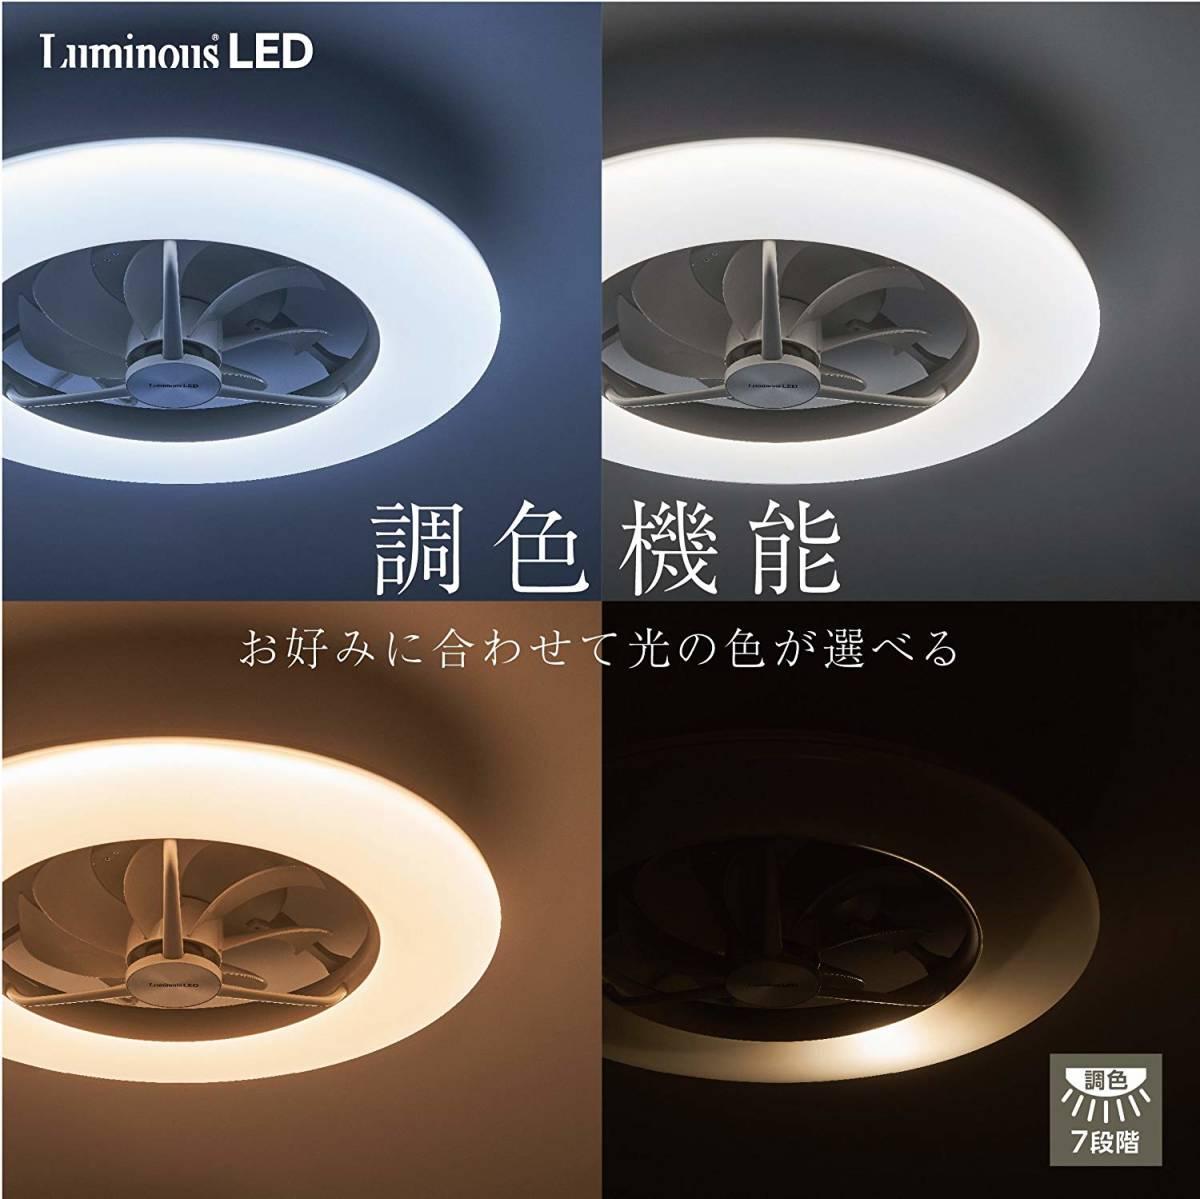 LED シーリングサーキュレーター ルミナス ~8畳 調光調色タイプ 光拡散レンズ搭載 シンプルリモコン付き ACC-08CM154_画像8